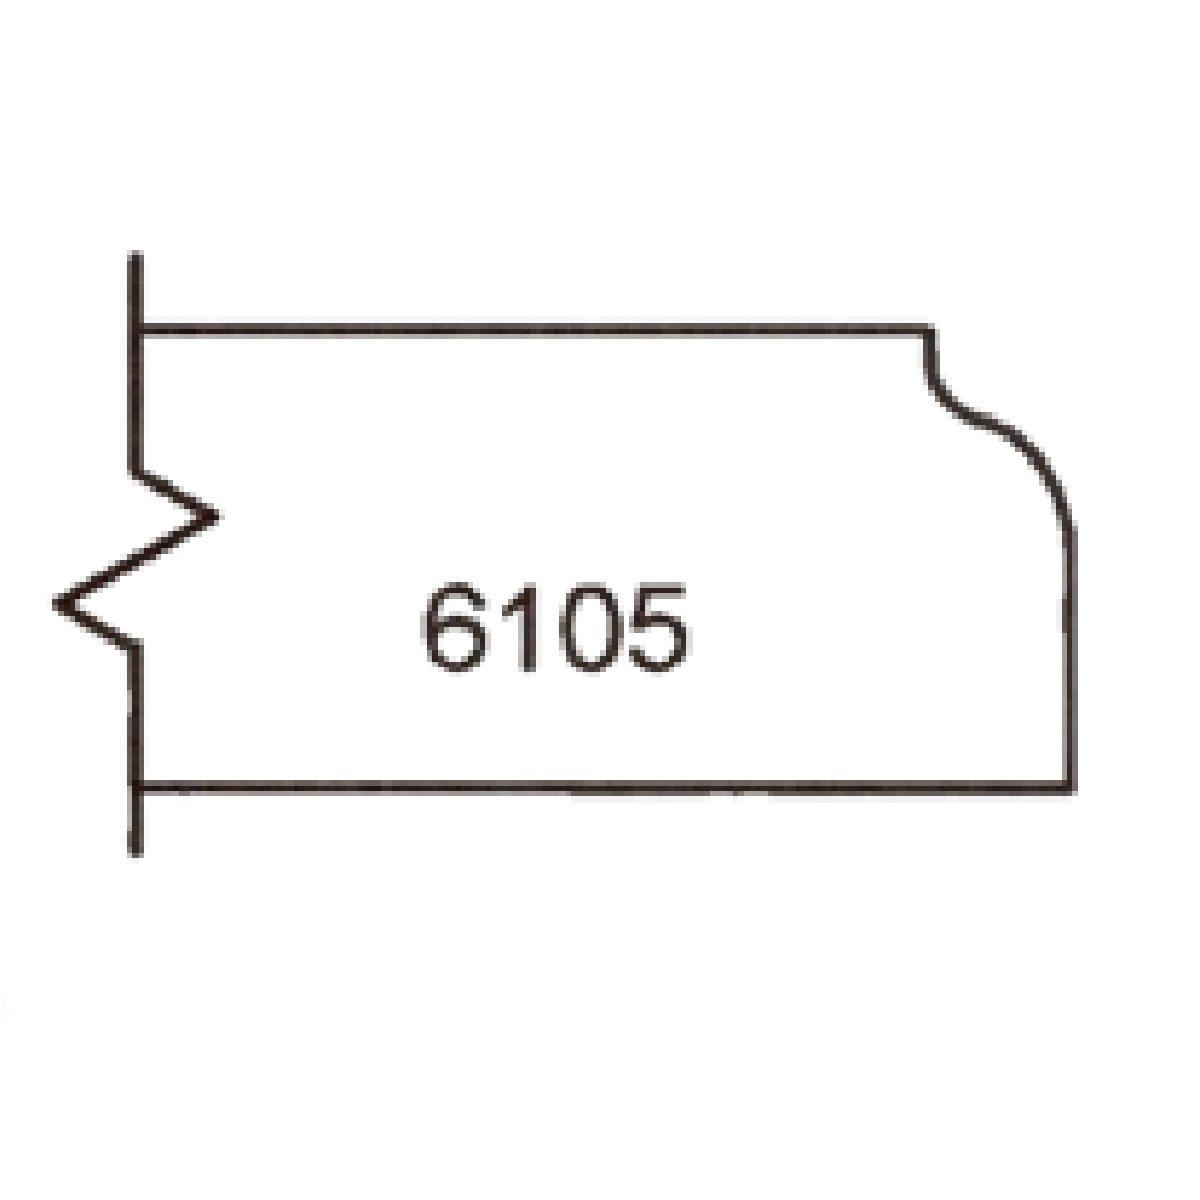 6105 Edge Image